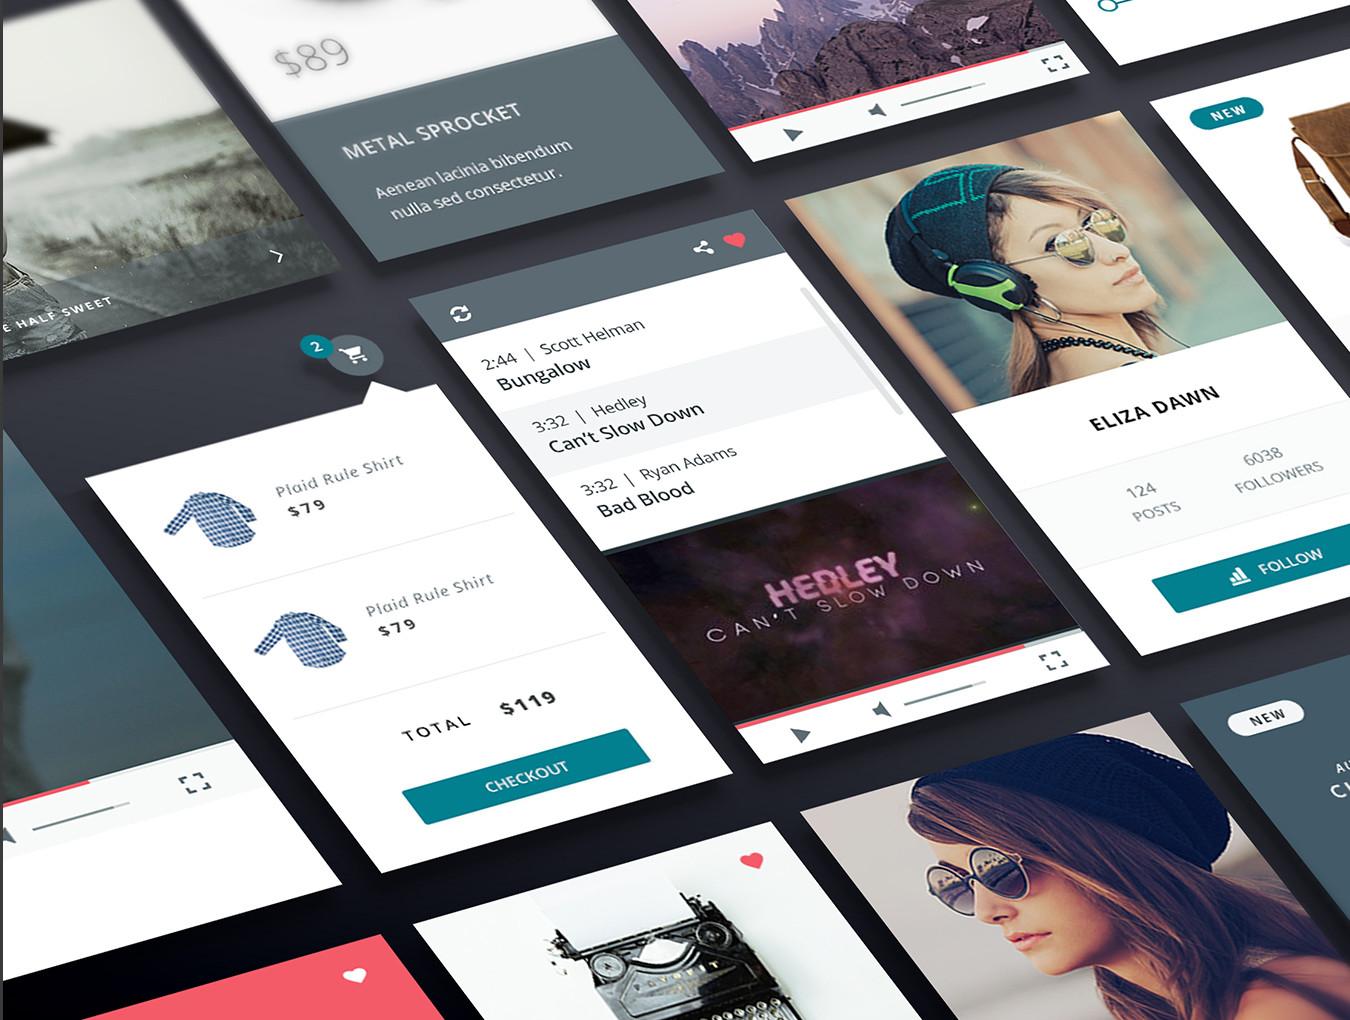 多功能商城博客WEB网站UI界面设计套件 Classe UI Kit插图